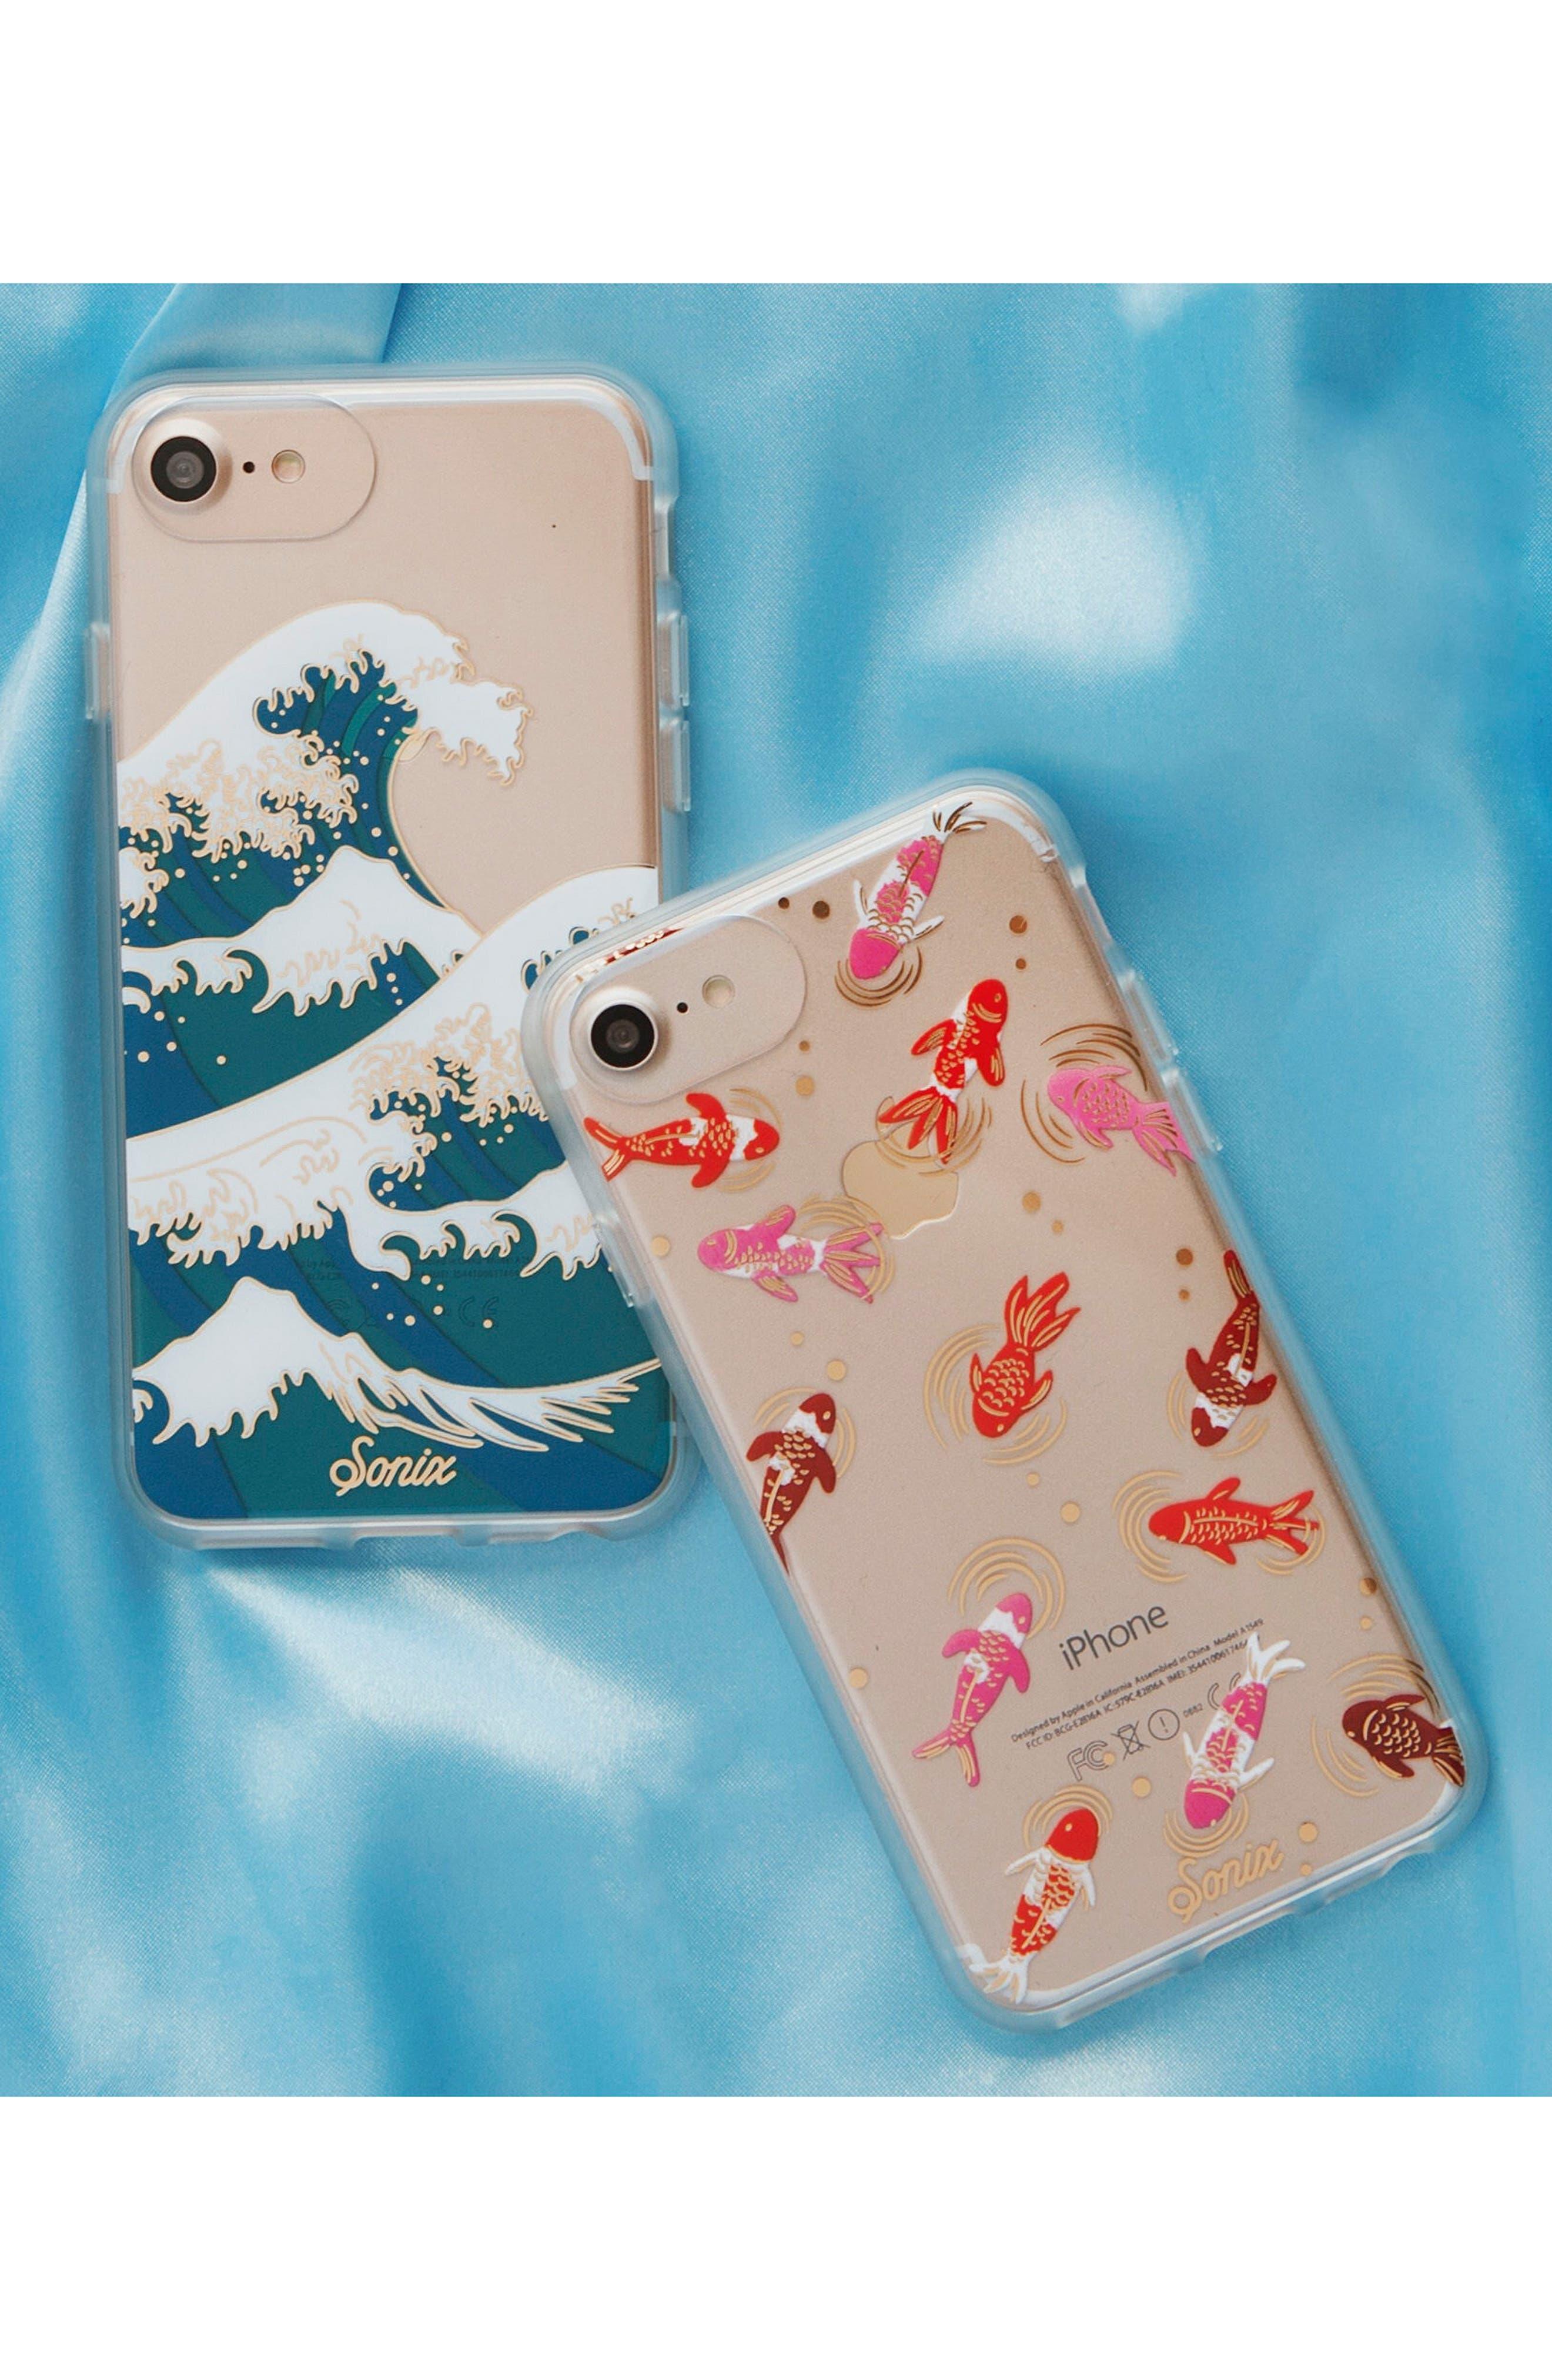 Tokyo Wave iPhone 6/6s/7/8 & 6/6s/7/8 Plus Case,                             Alternate thumbnail 3, color,                             400